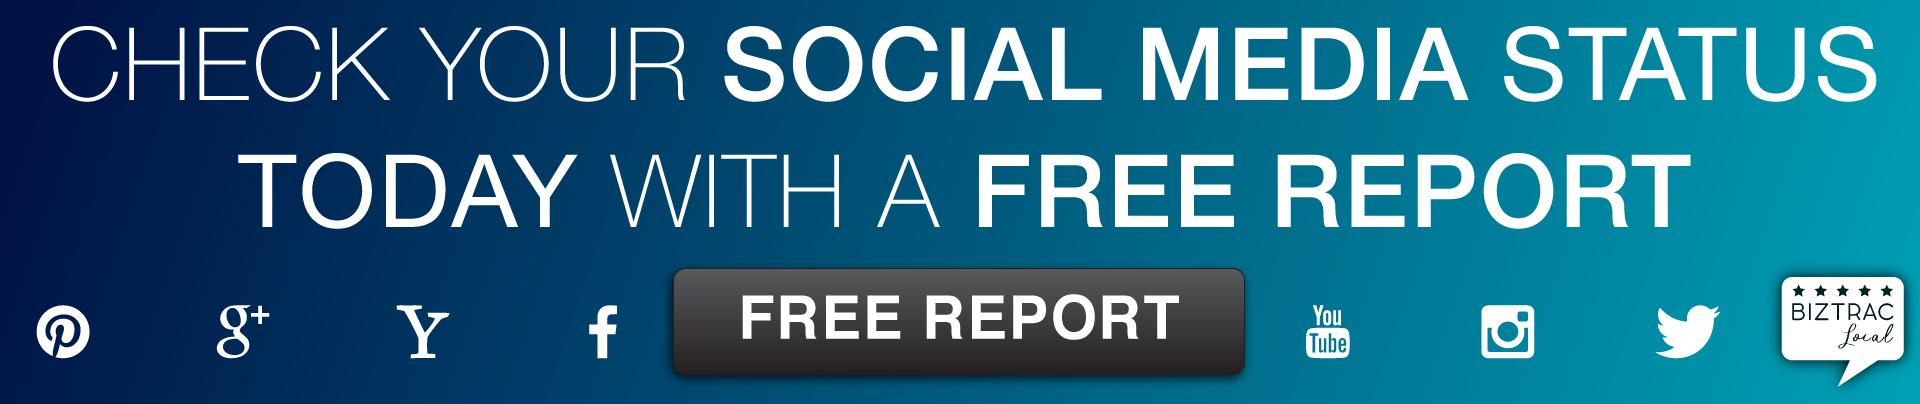 biztrac social media free report